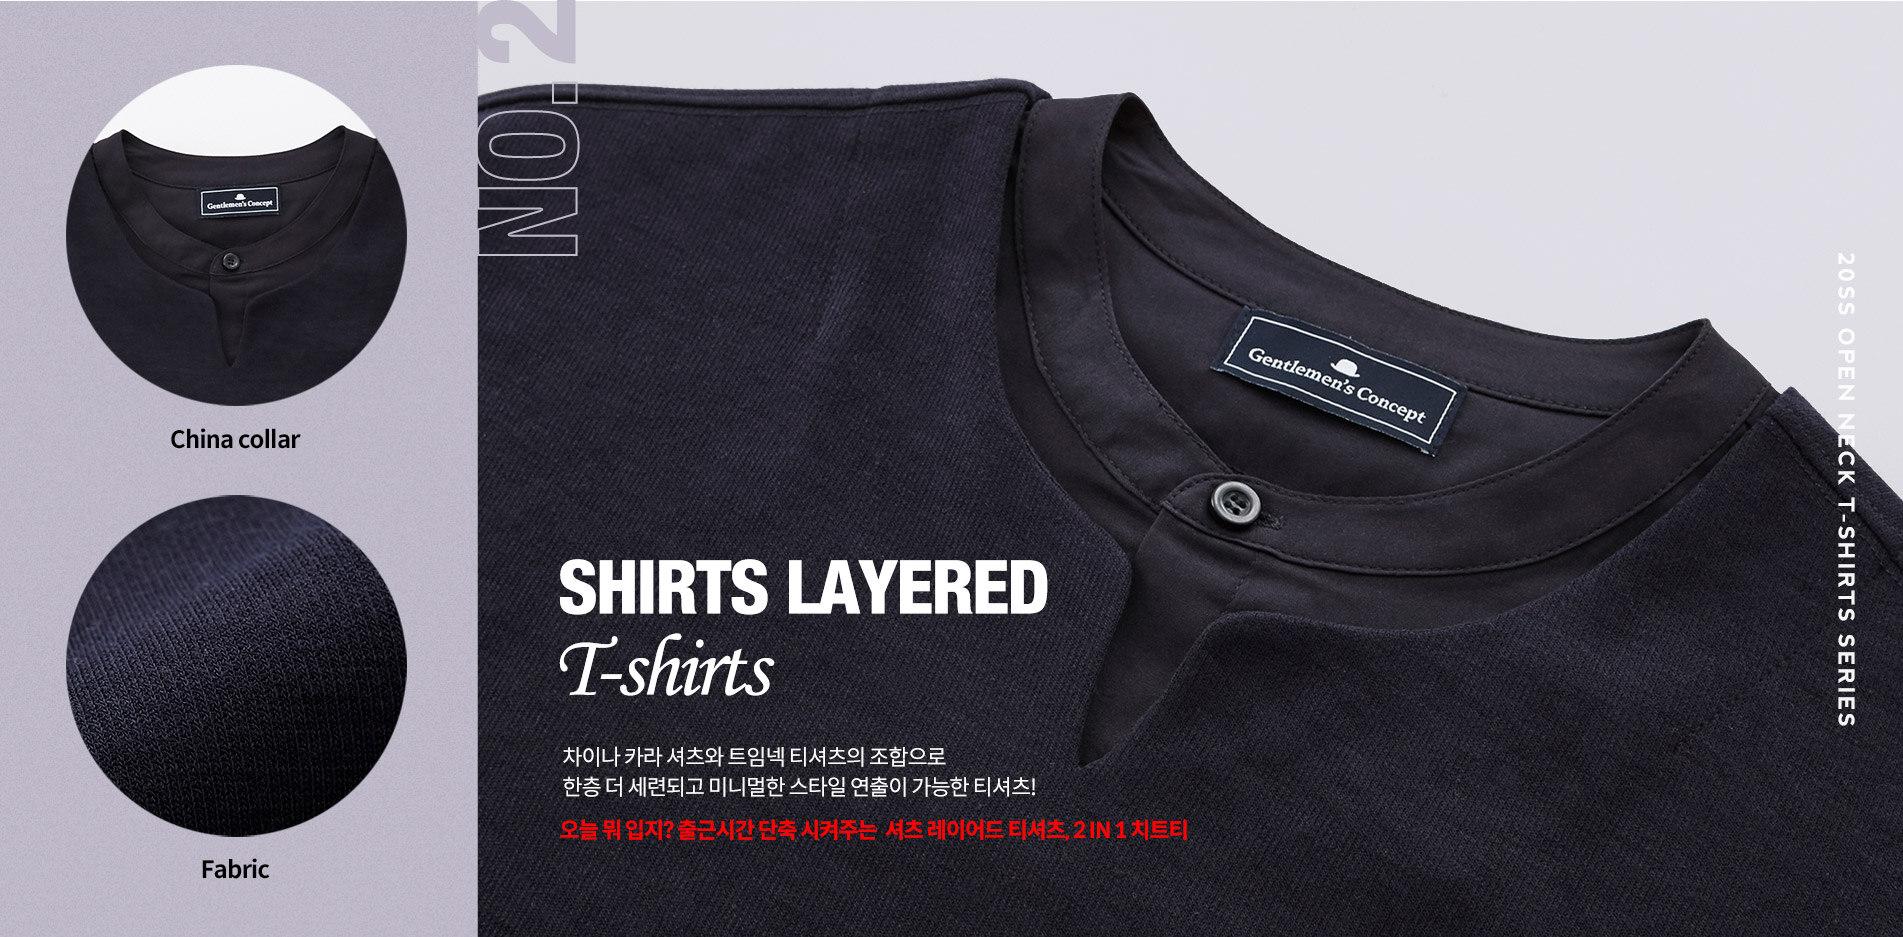 Shirts-layered